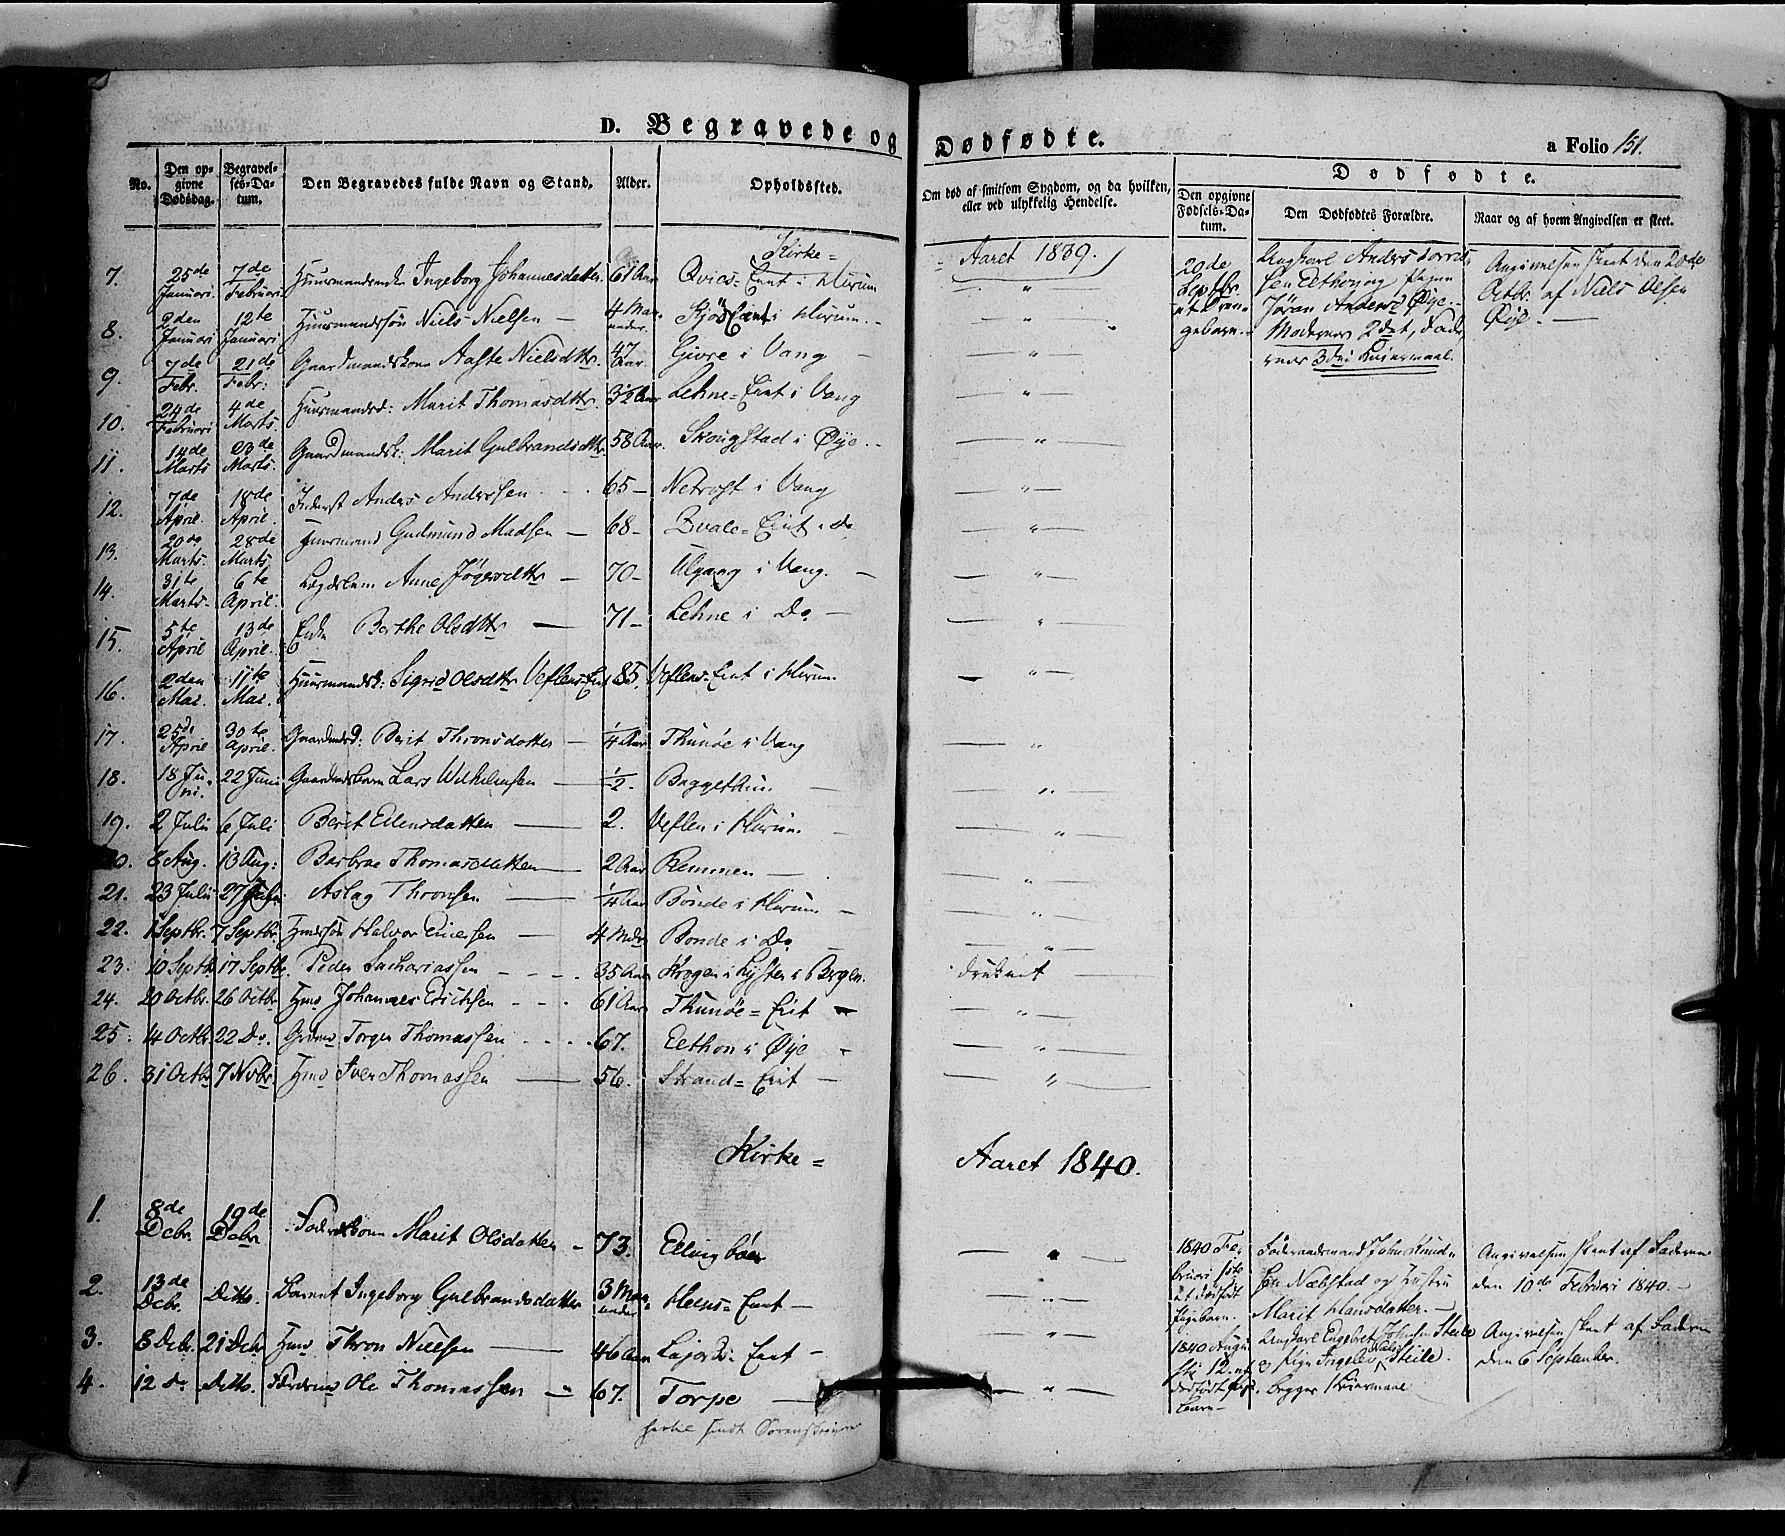 SAH, Vang prestekontor, Valdres, Ministerialbok nr. 5, 1831-1845, s. 151